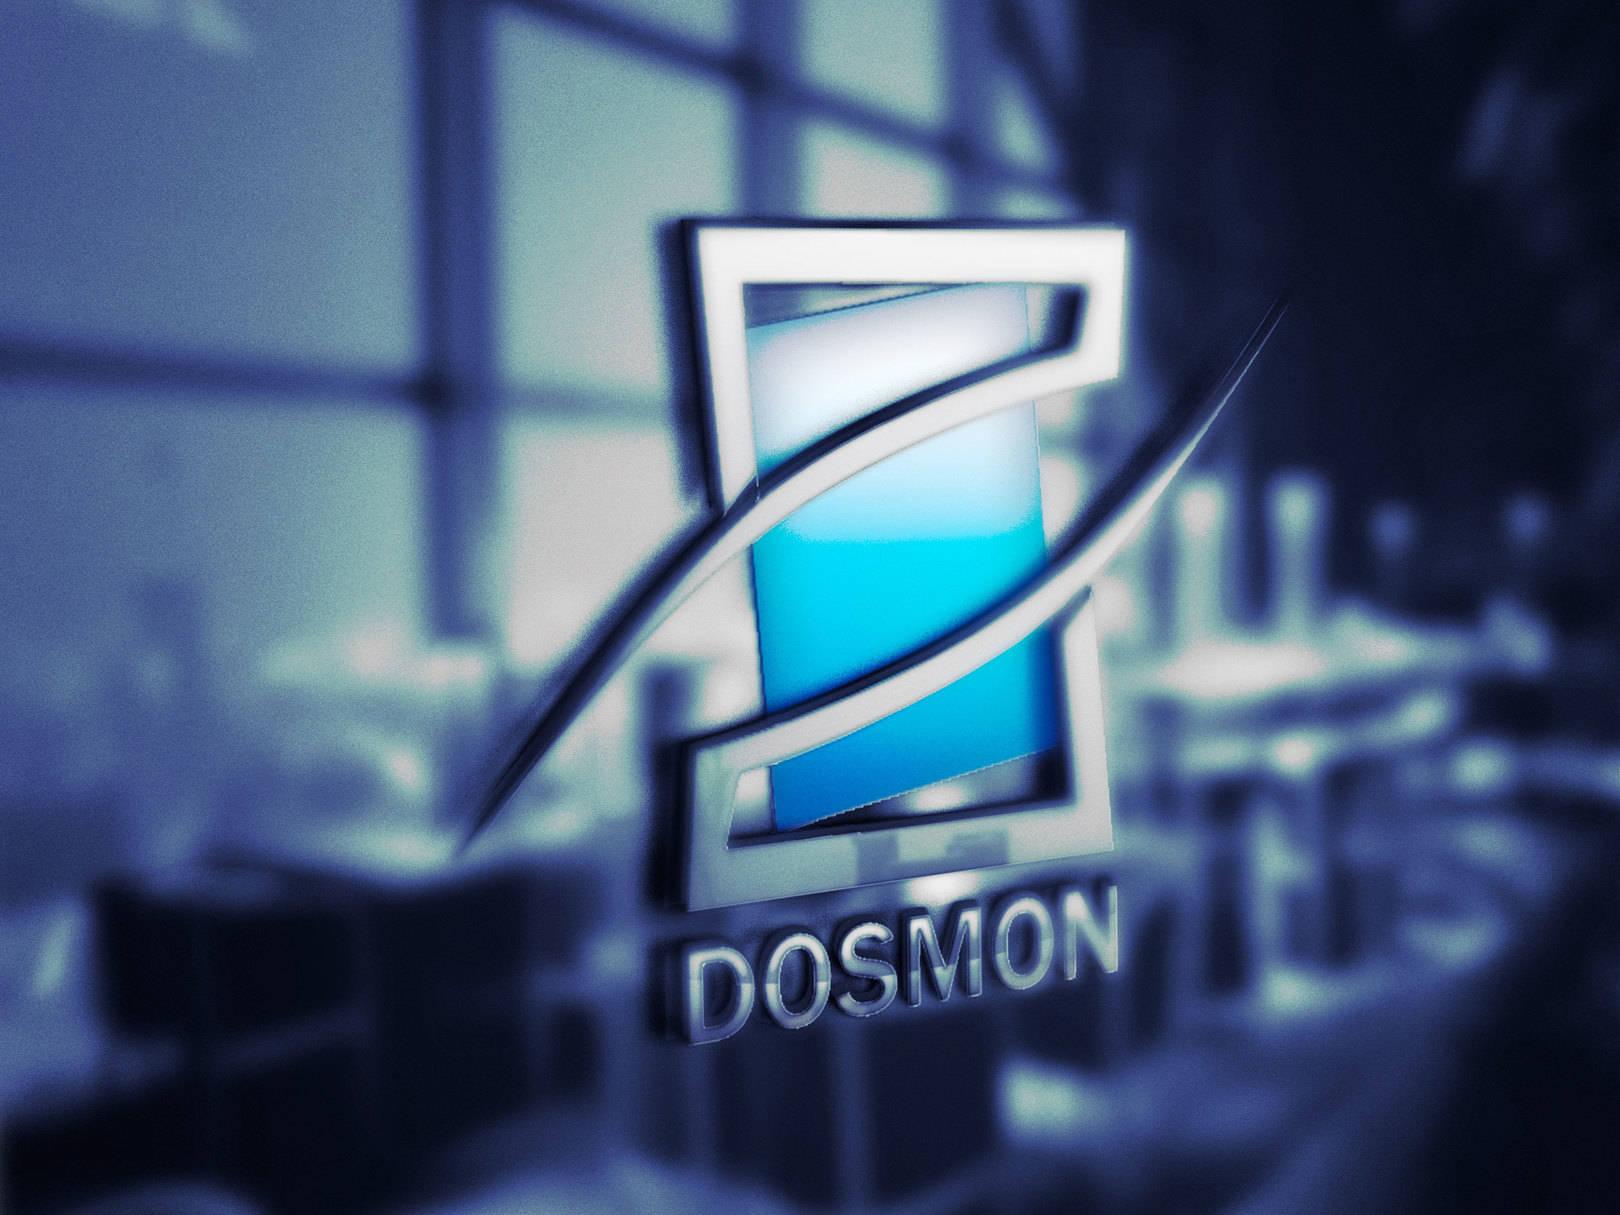 Dosmon